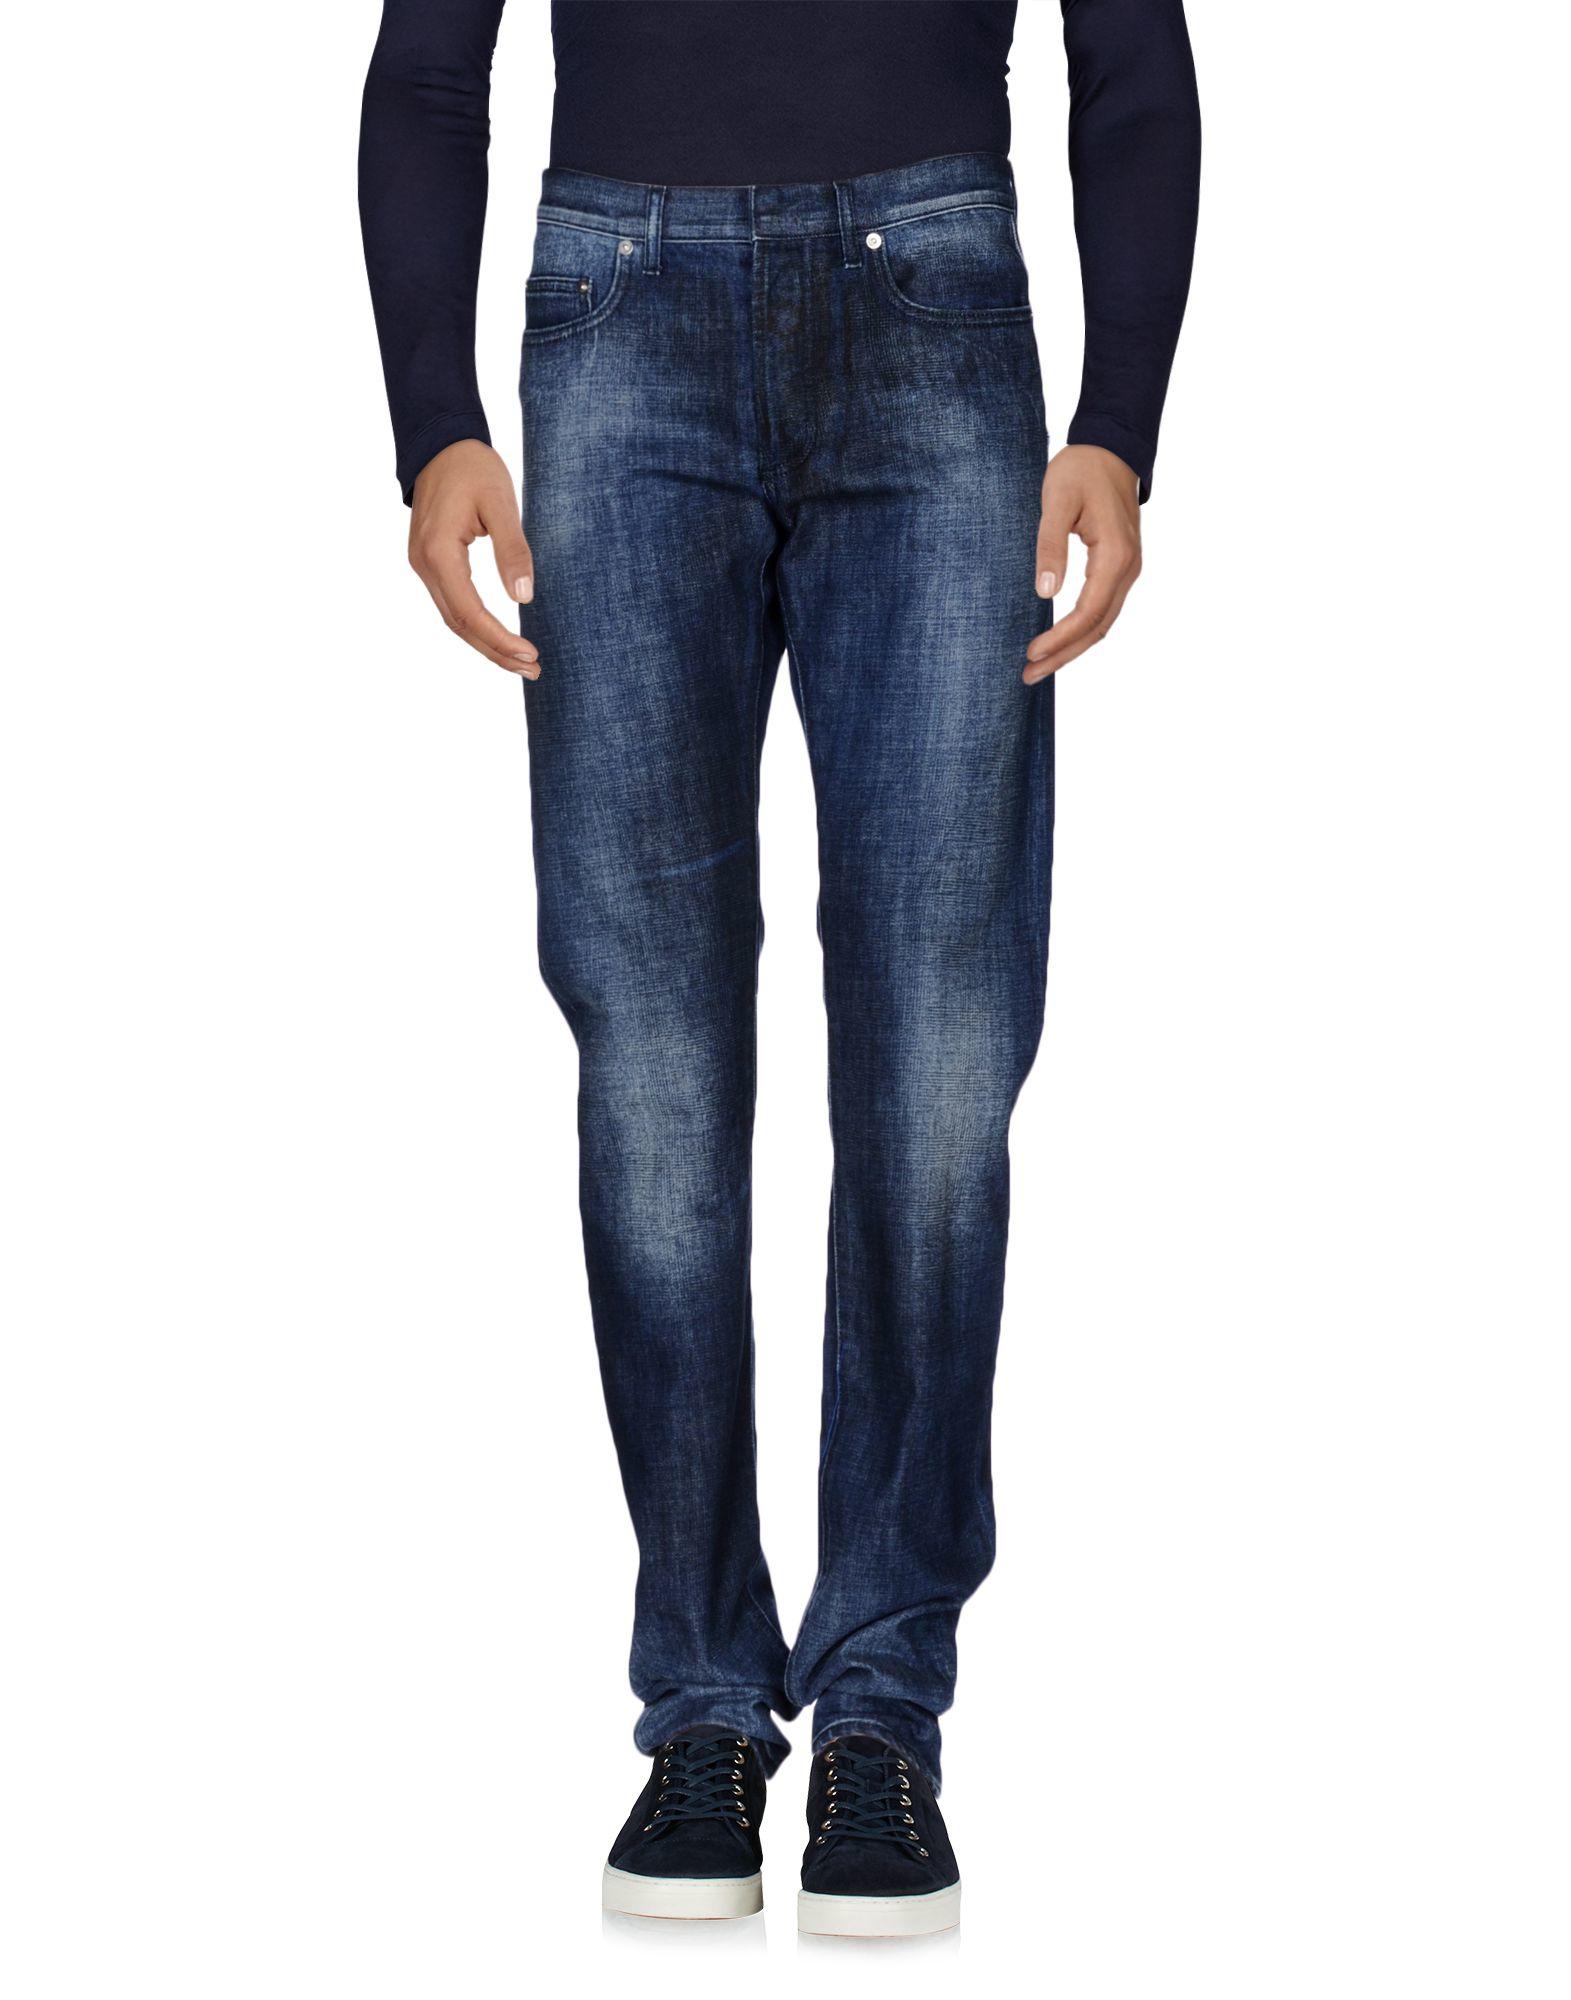 dior homme denim trousers in blue for men lyst. Black Bedroom Furniture Sets. Home Design Ideas